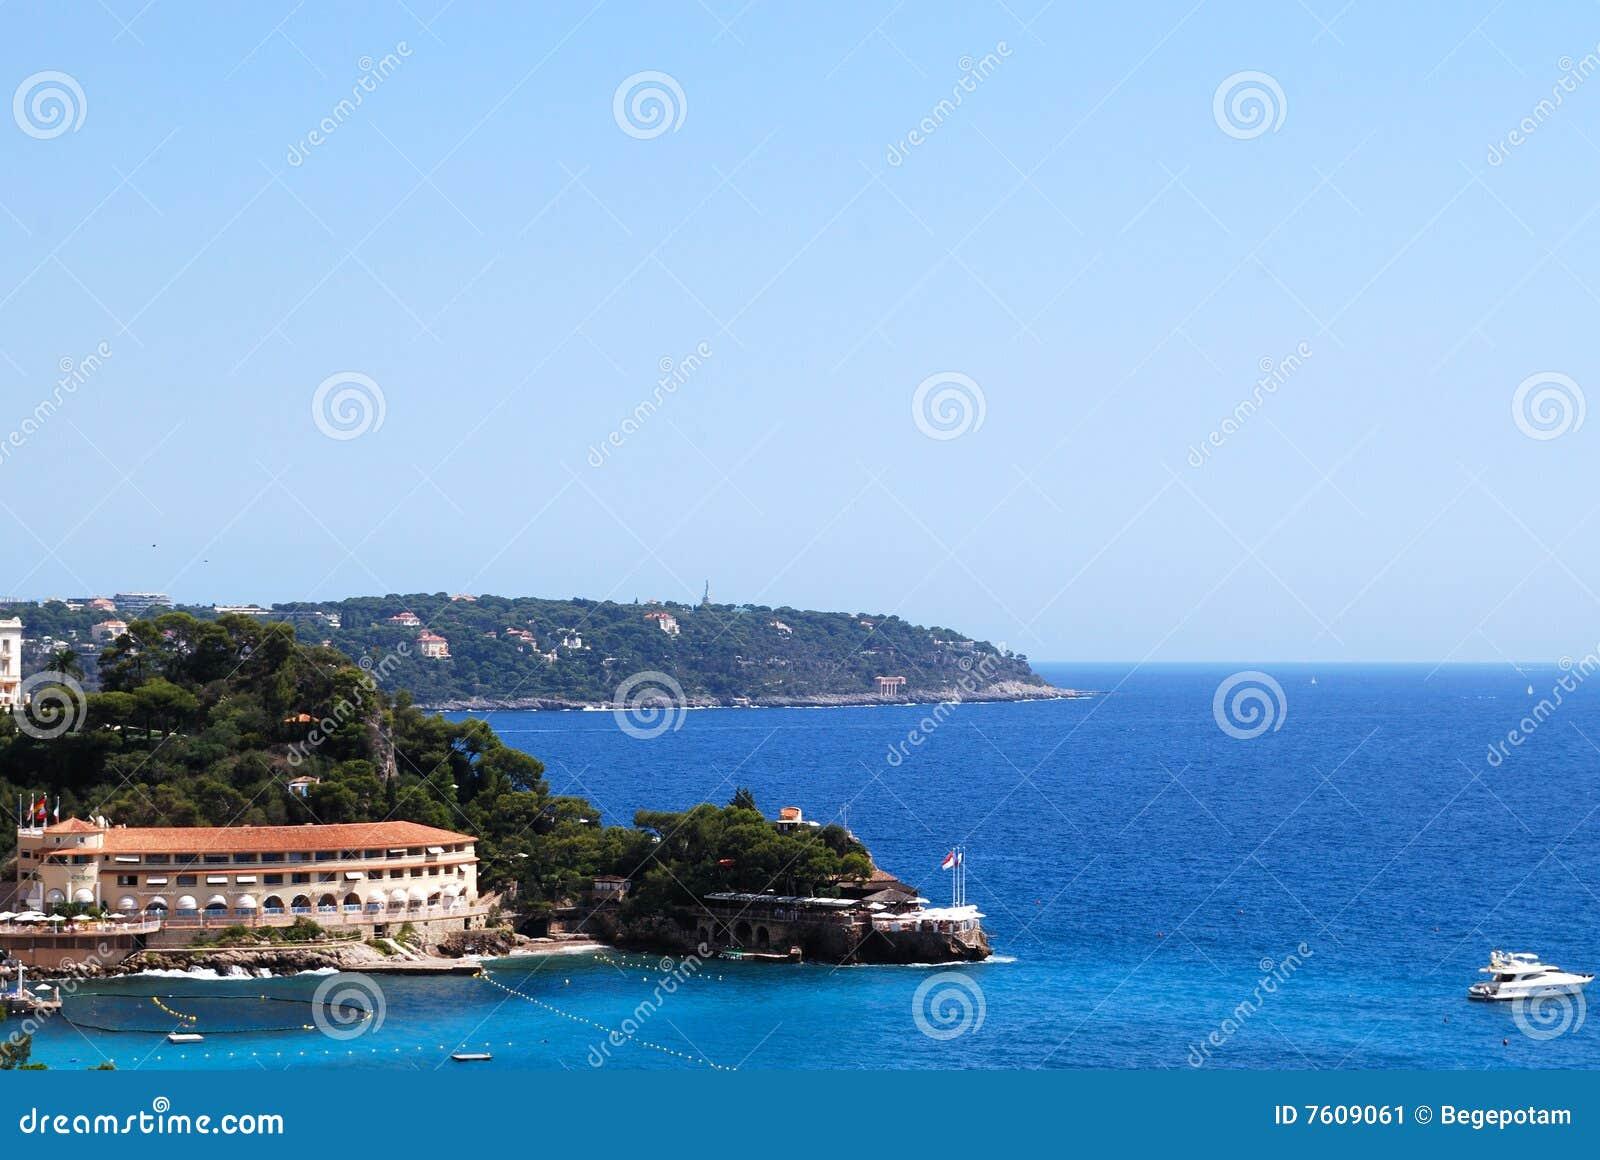 海岸法国意大利地中海摩纳哥